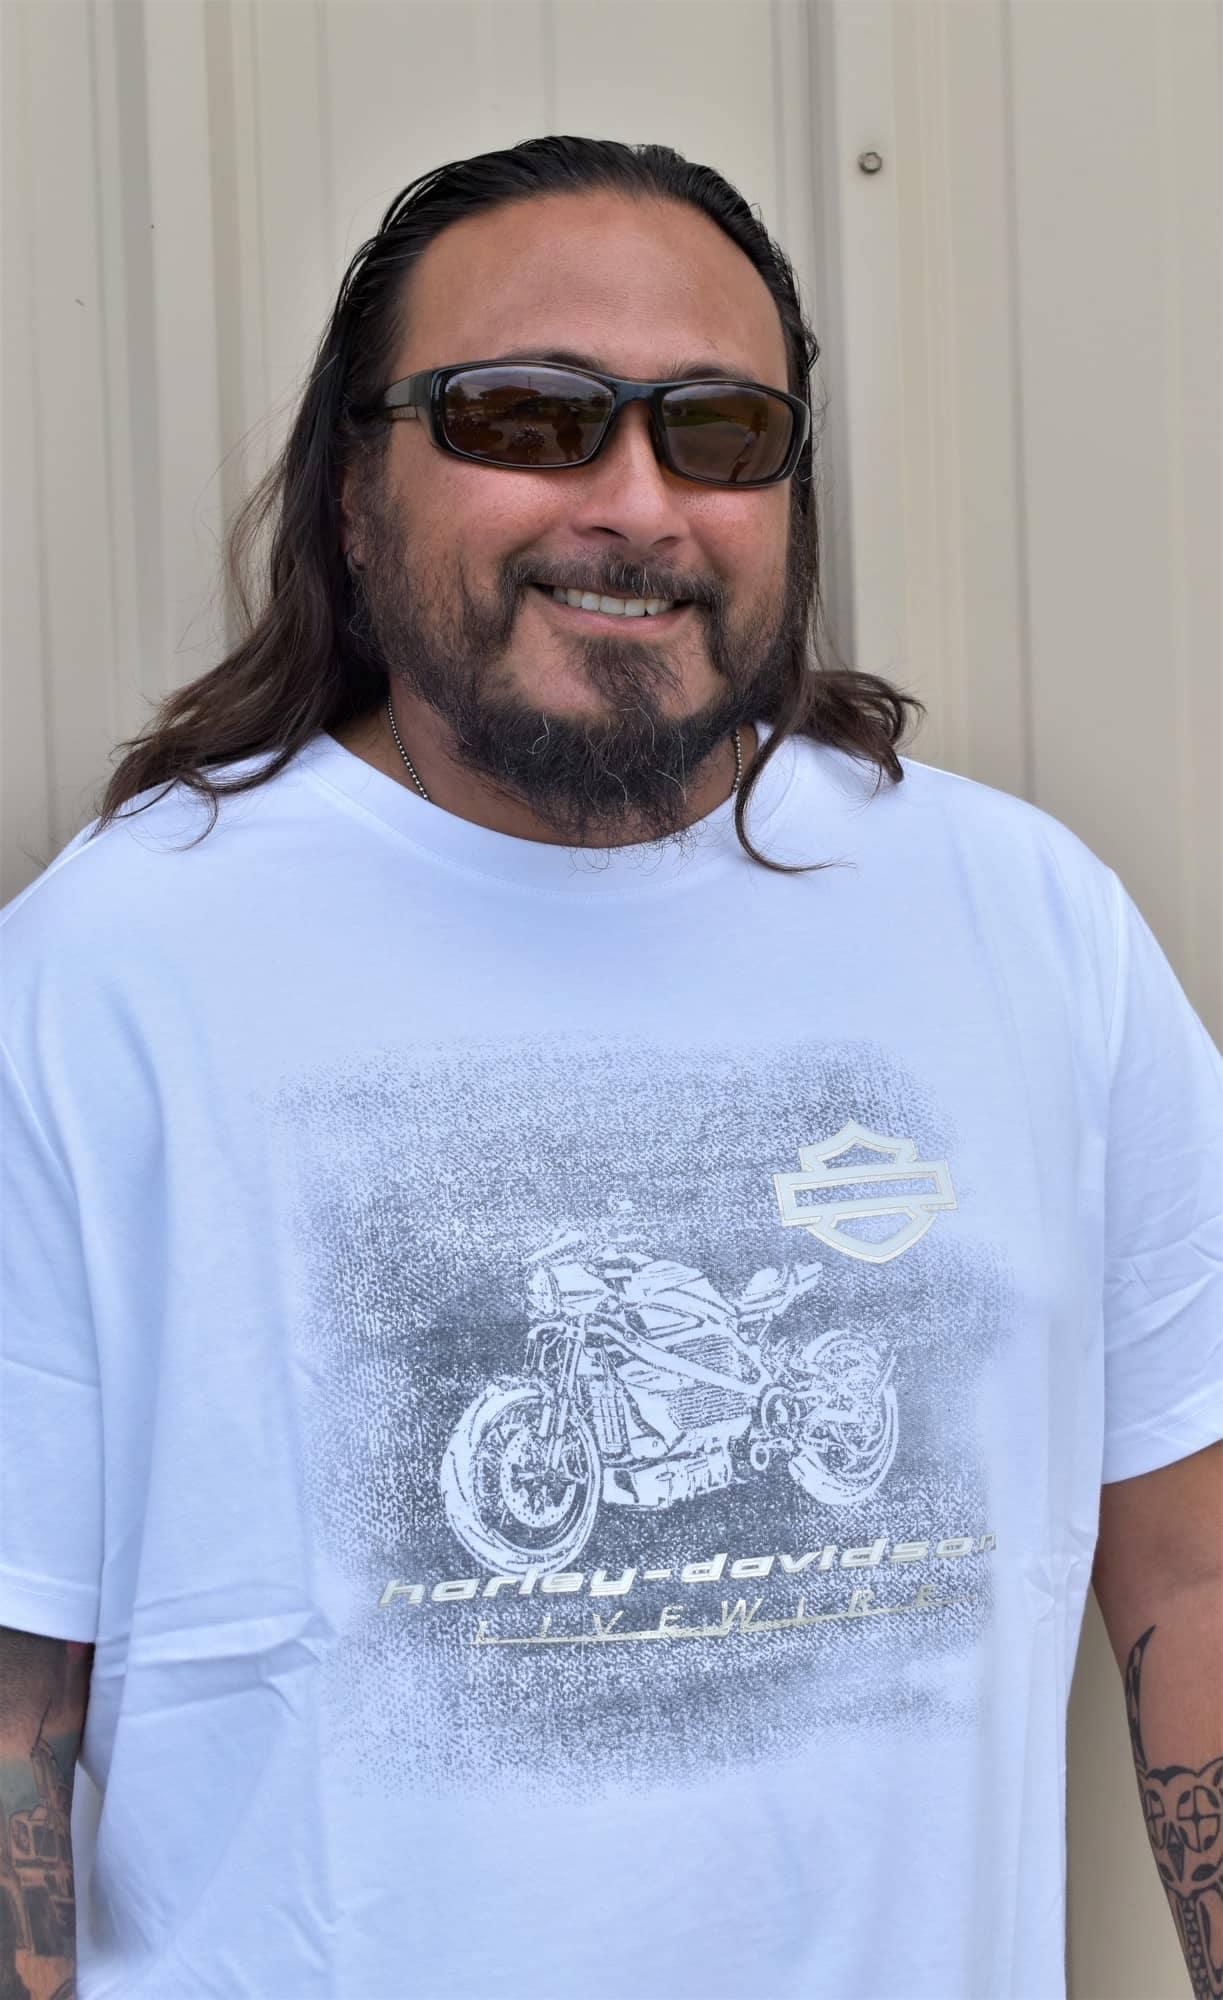 man wearing a white harley davidson shirt